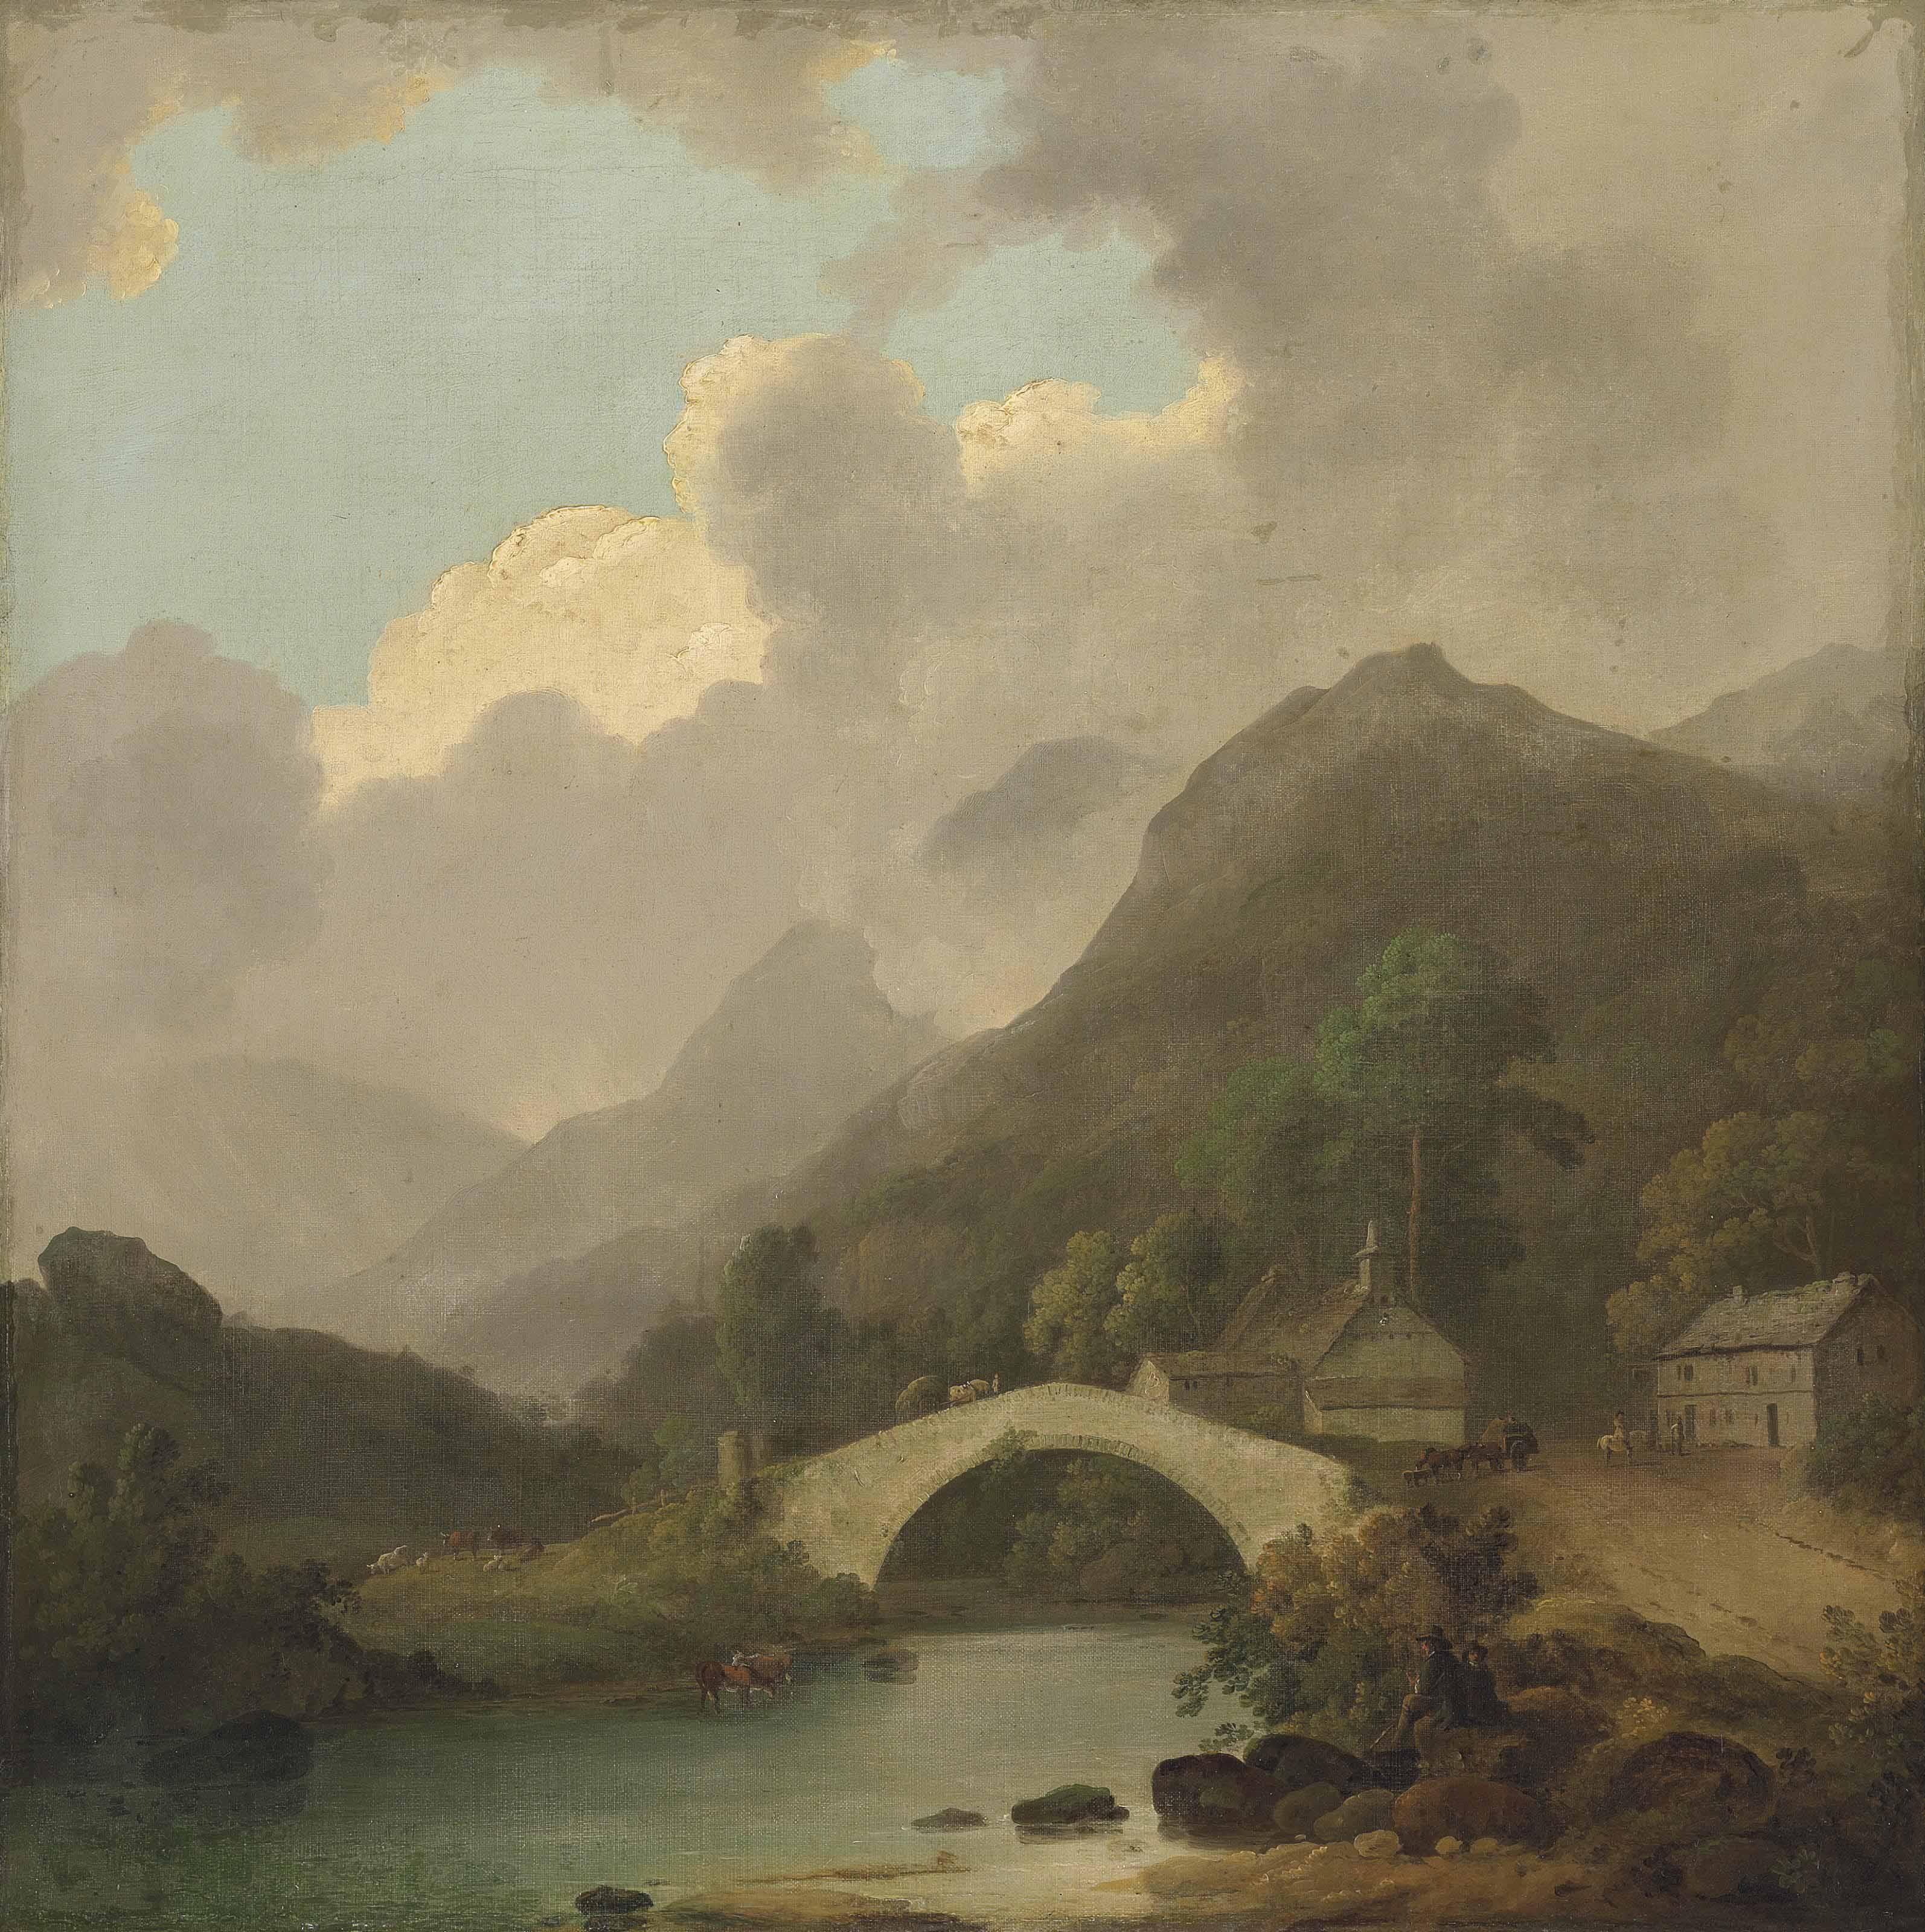 A view of Pelter Bridge, Rydal, Cumbria